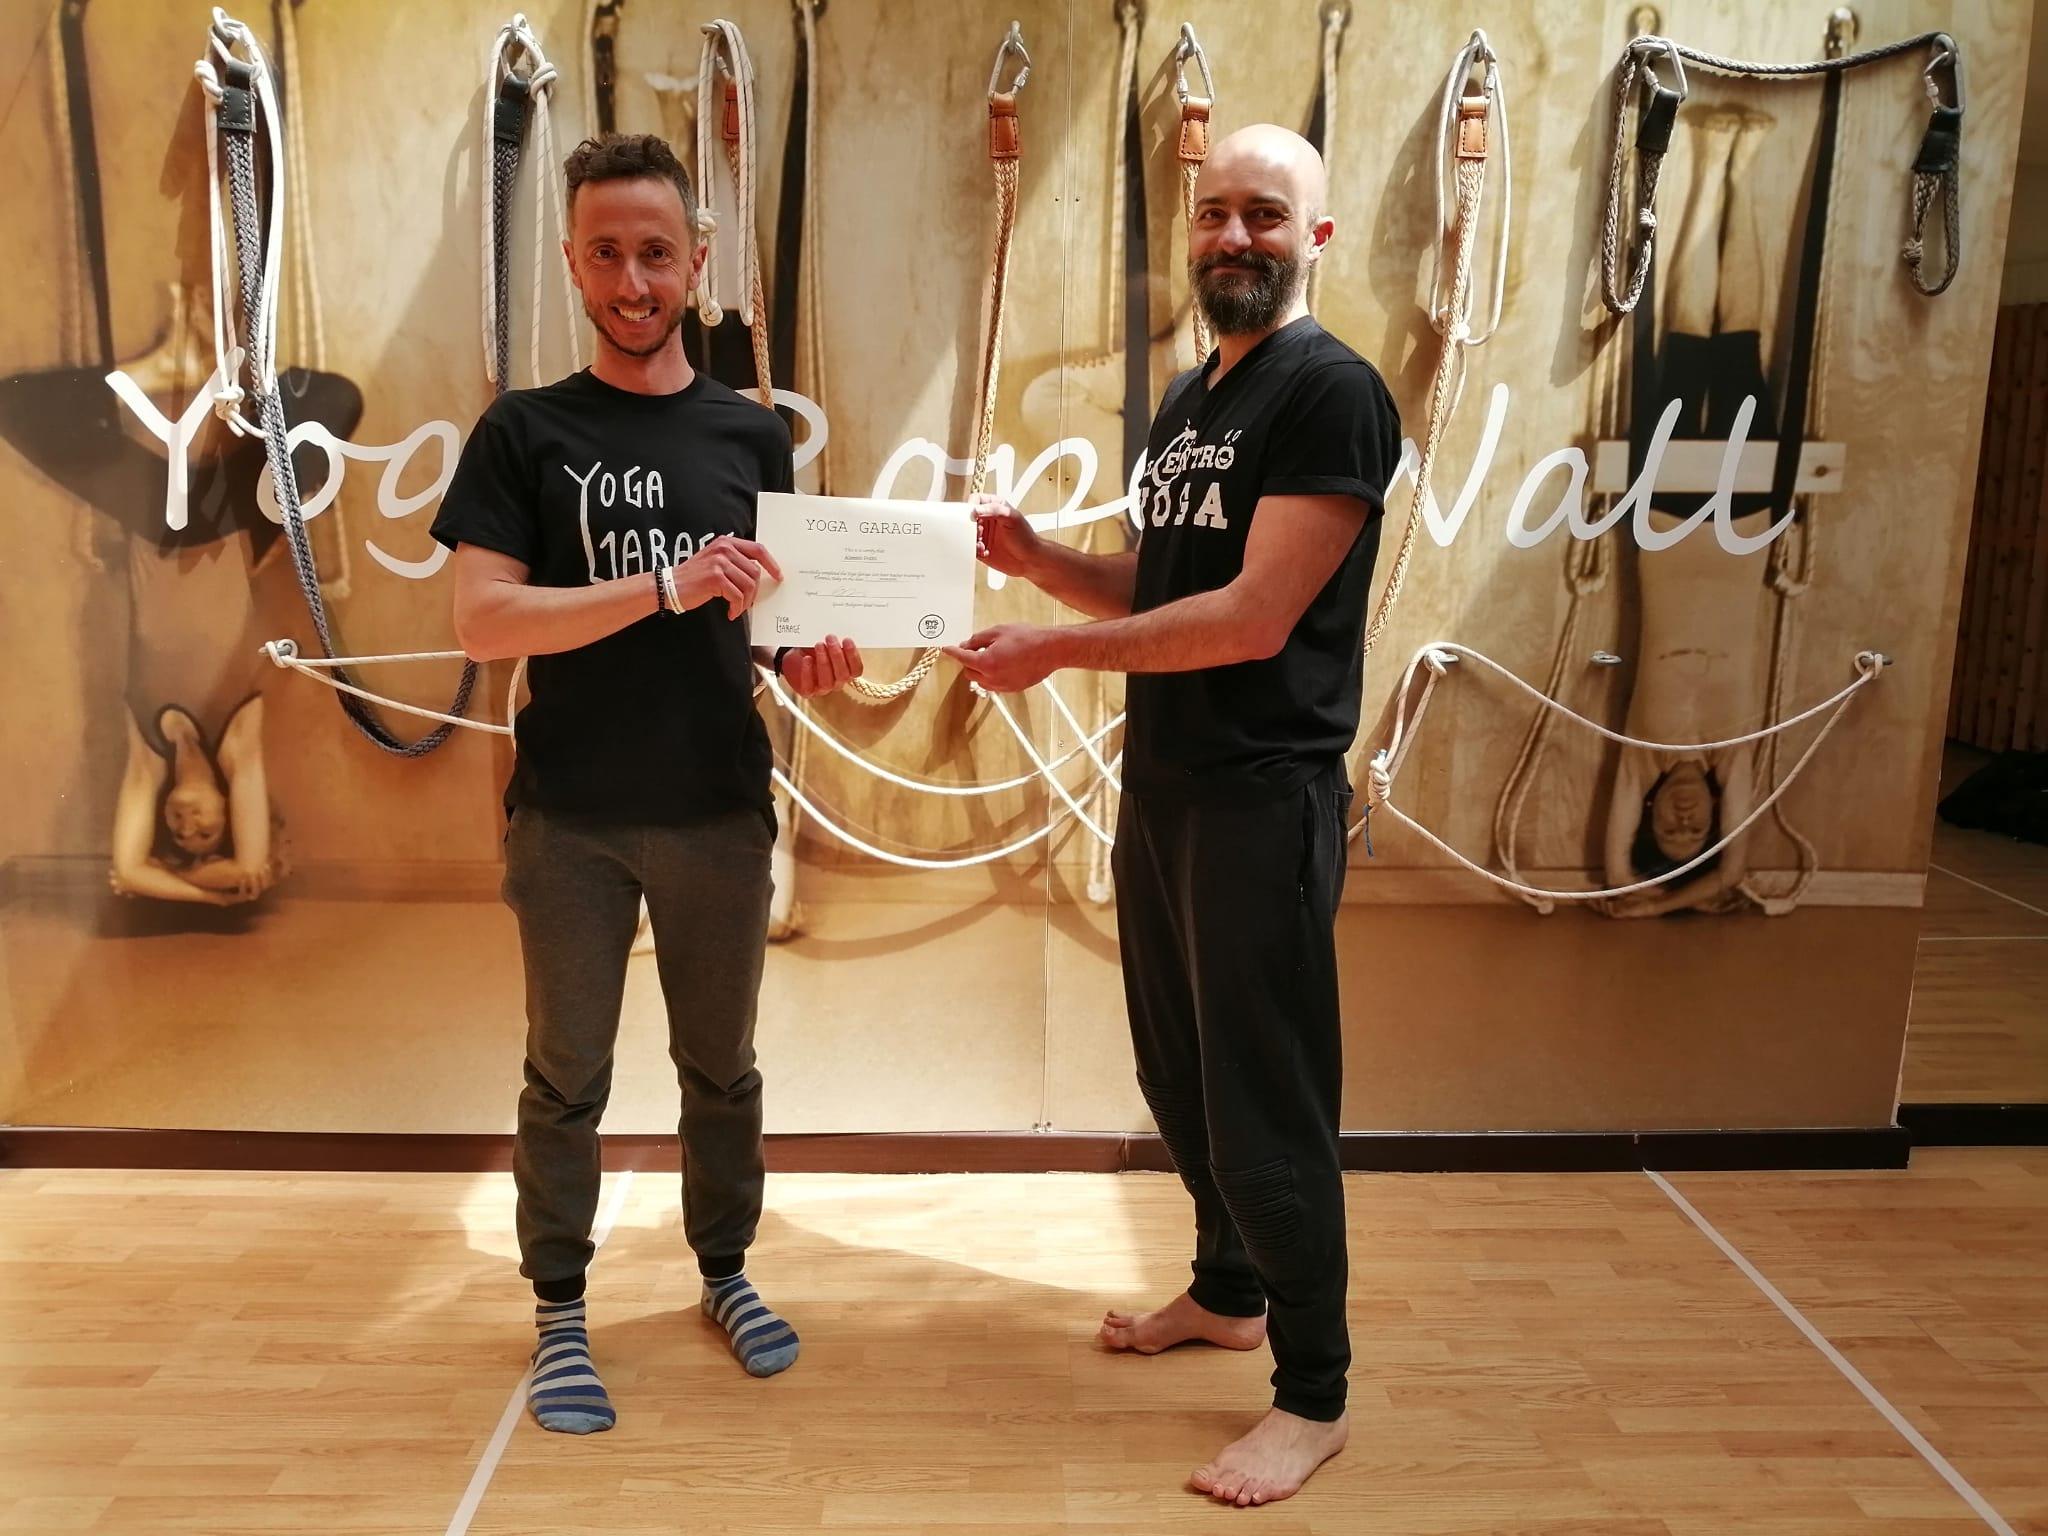 Alessio Politi insegnante di yoga vinyasa formazione insegnanti yoga diventa insegnante di yoga associazione il centro 4.0 viareggio